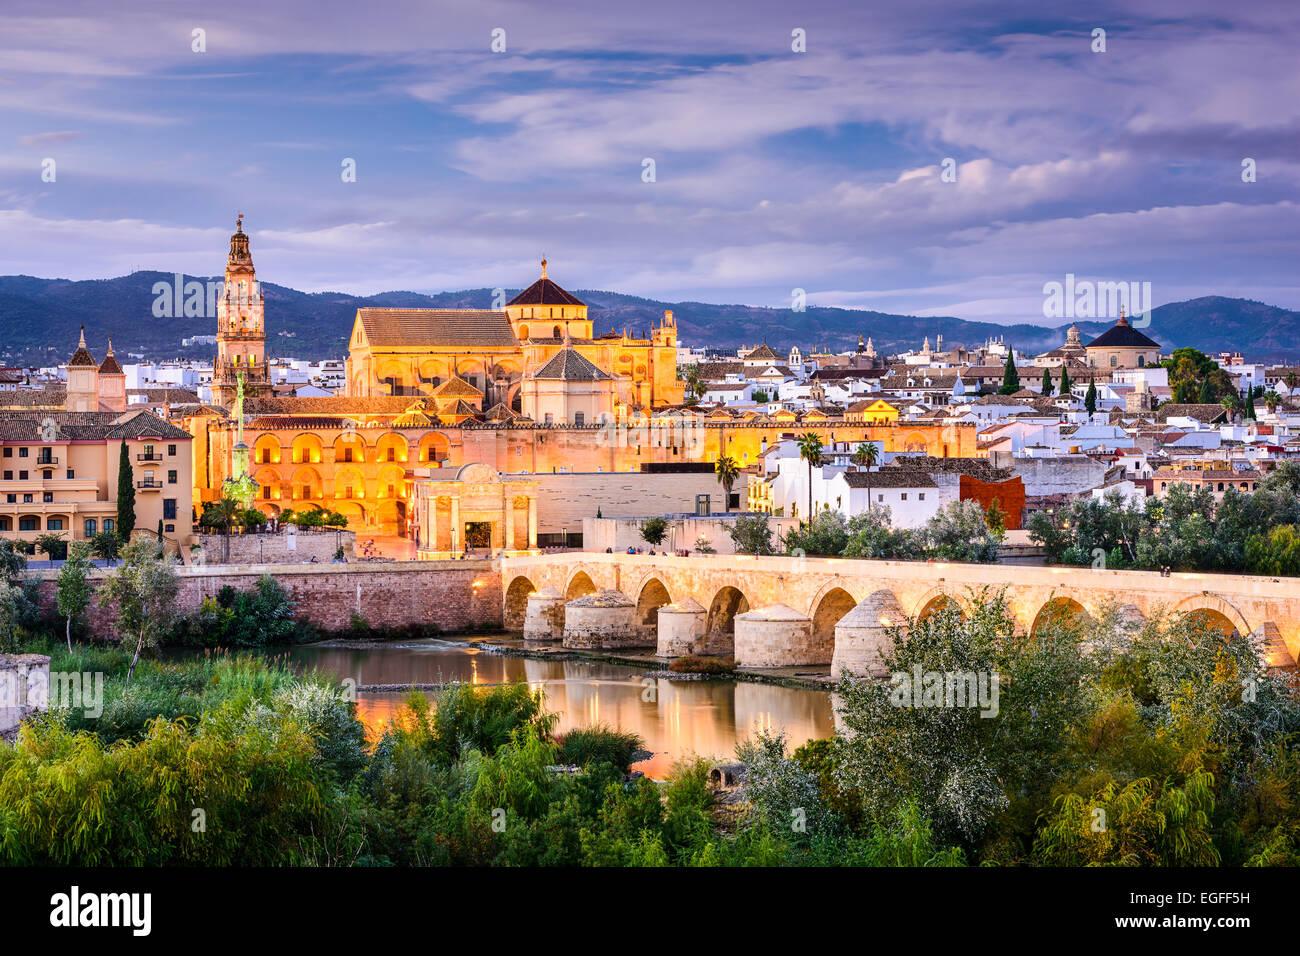 Cordoba, Spagna città vecchia skyline a Moschea-cattedrale. Immagini Stock